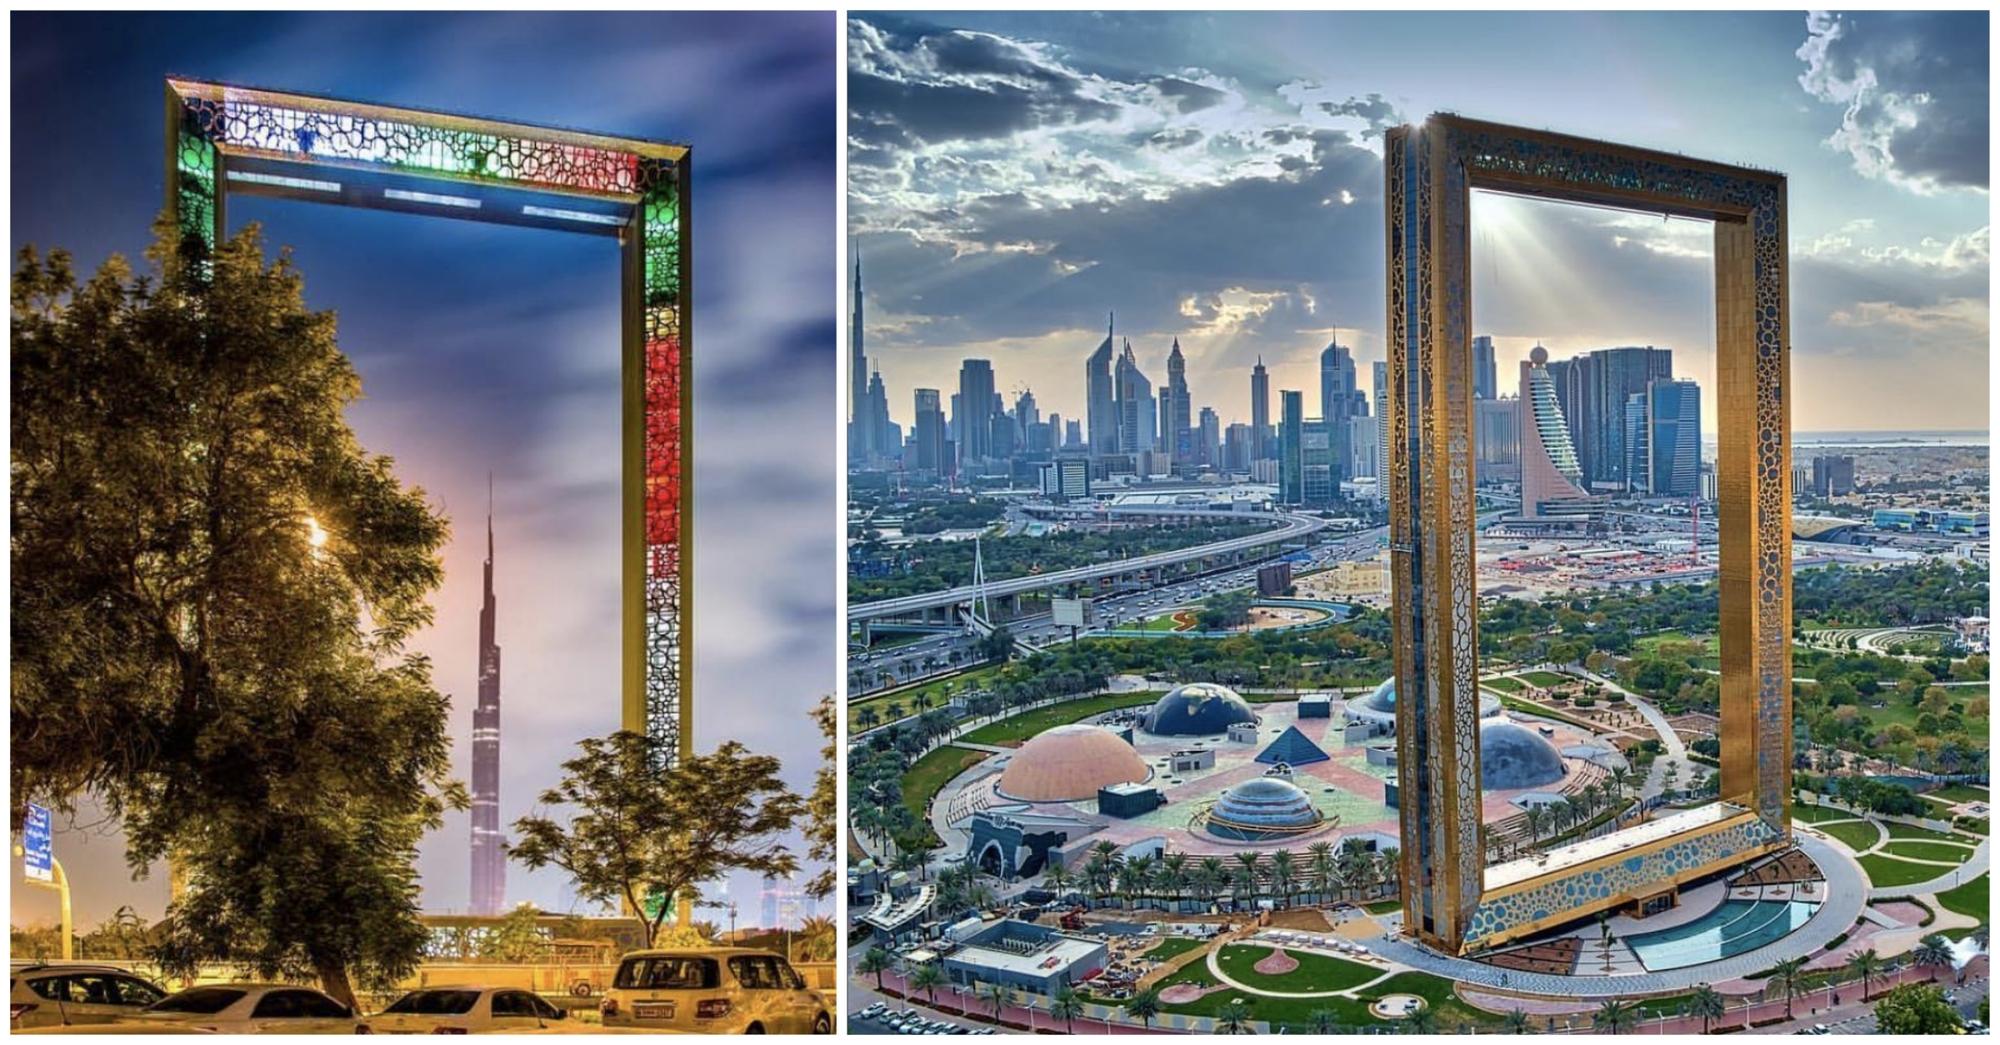  قاب عکس دبی نماد زیبایی